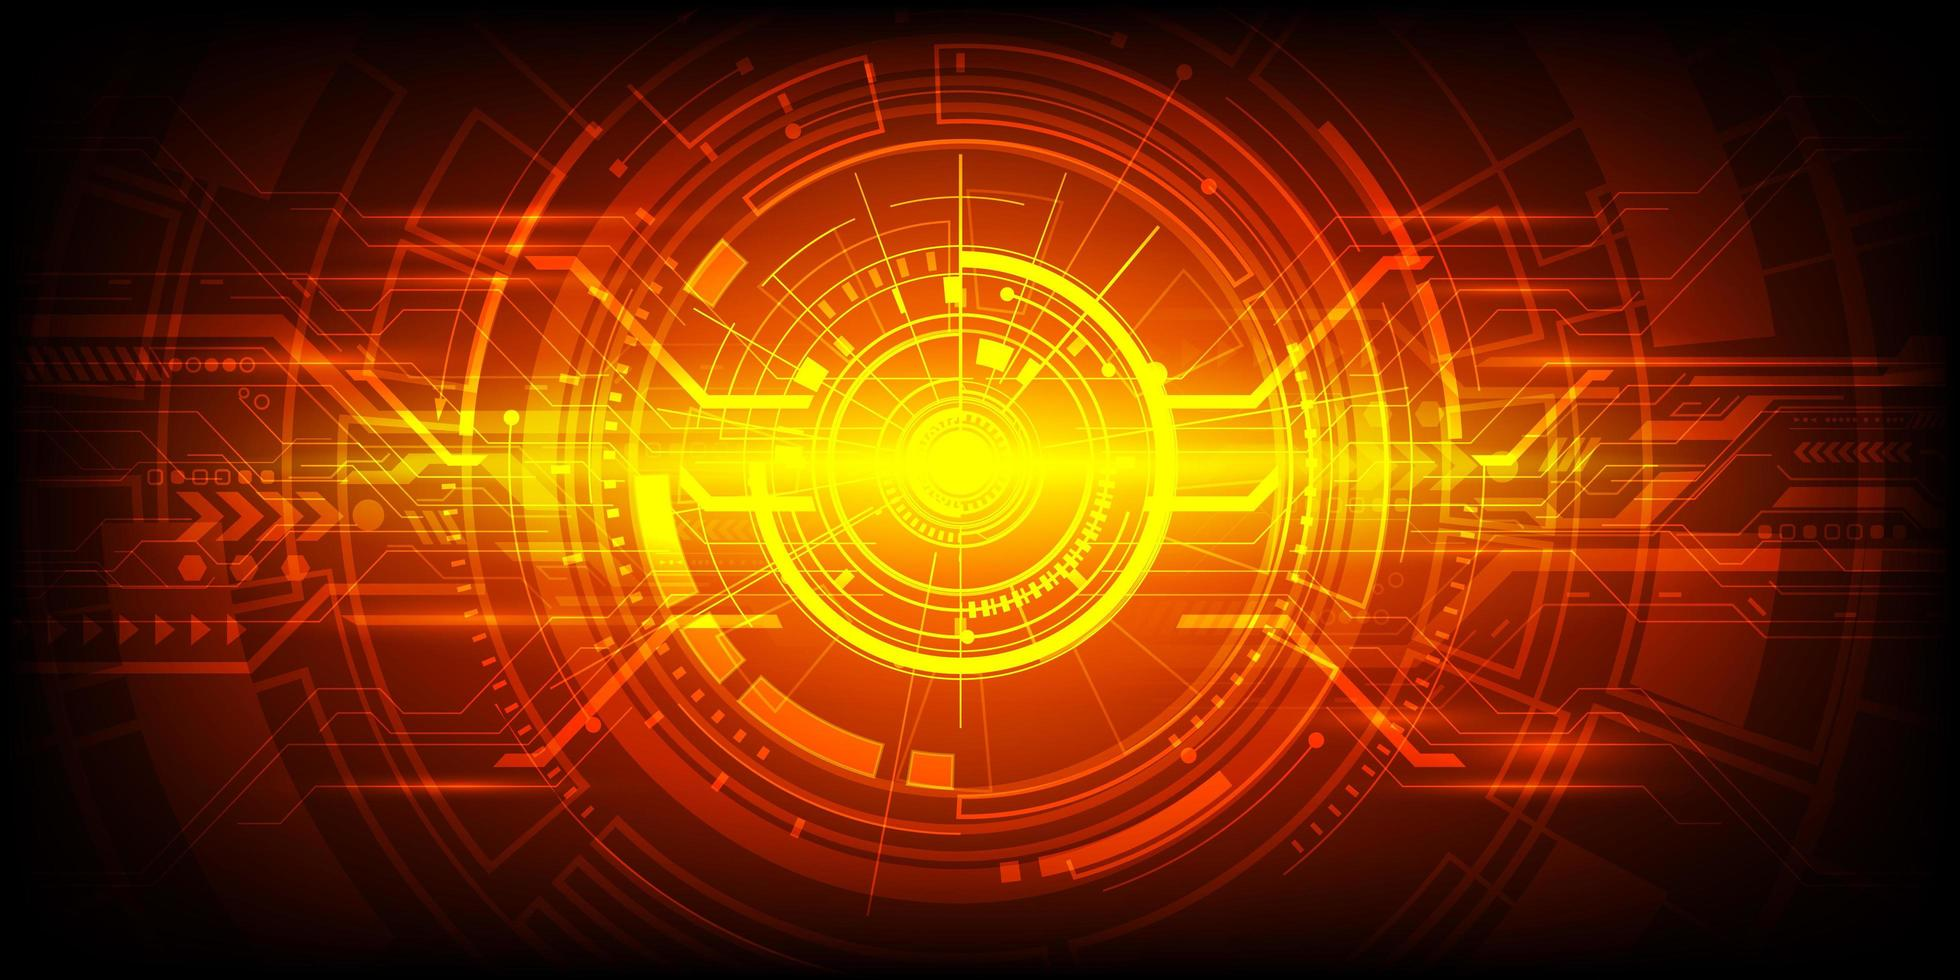 conception de technologie d'ingénierie abstraite rouge et orange vecteur